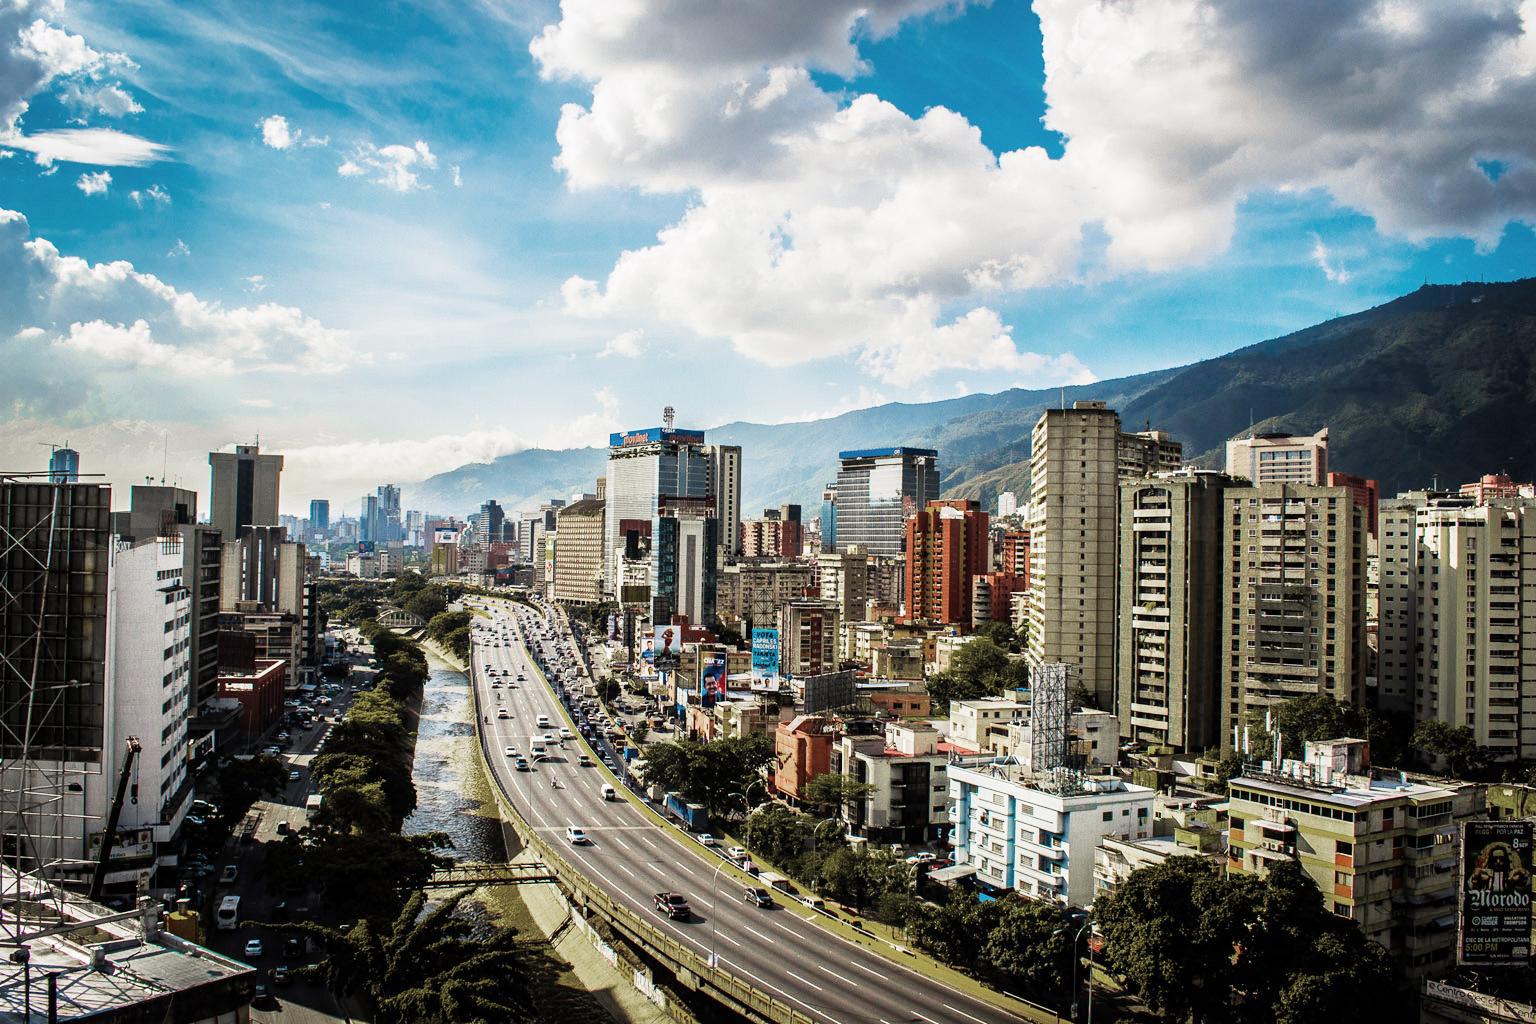 Ciudad de Caracas